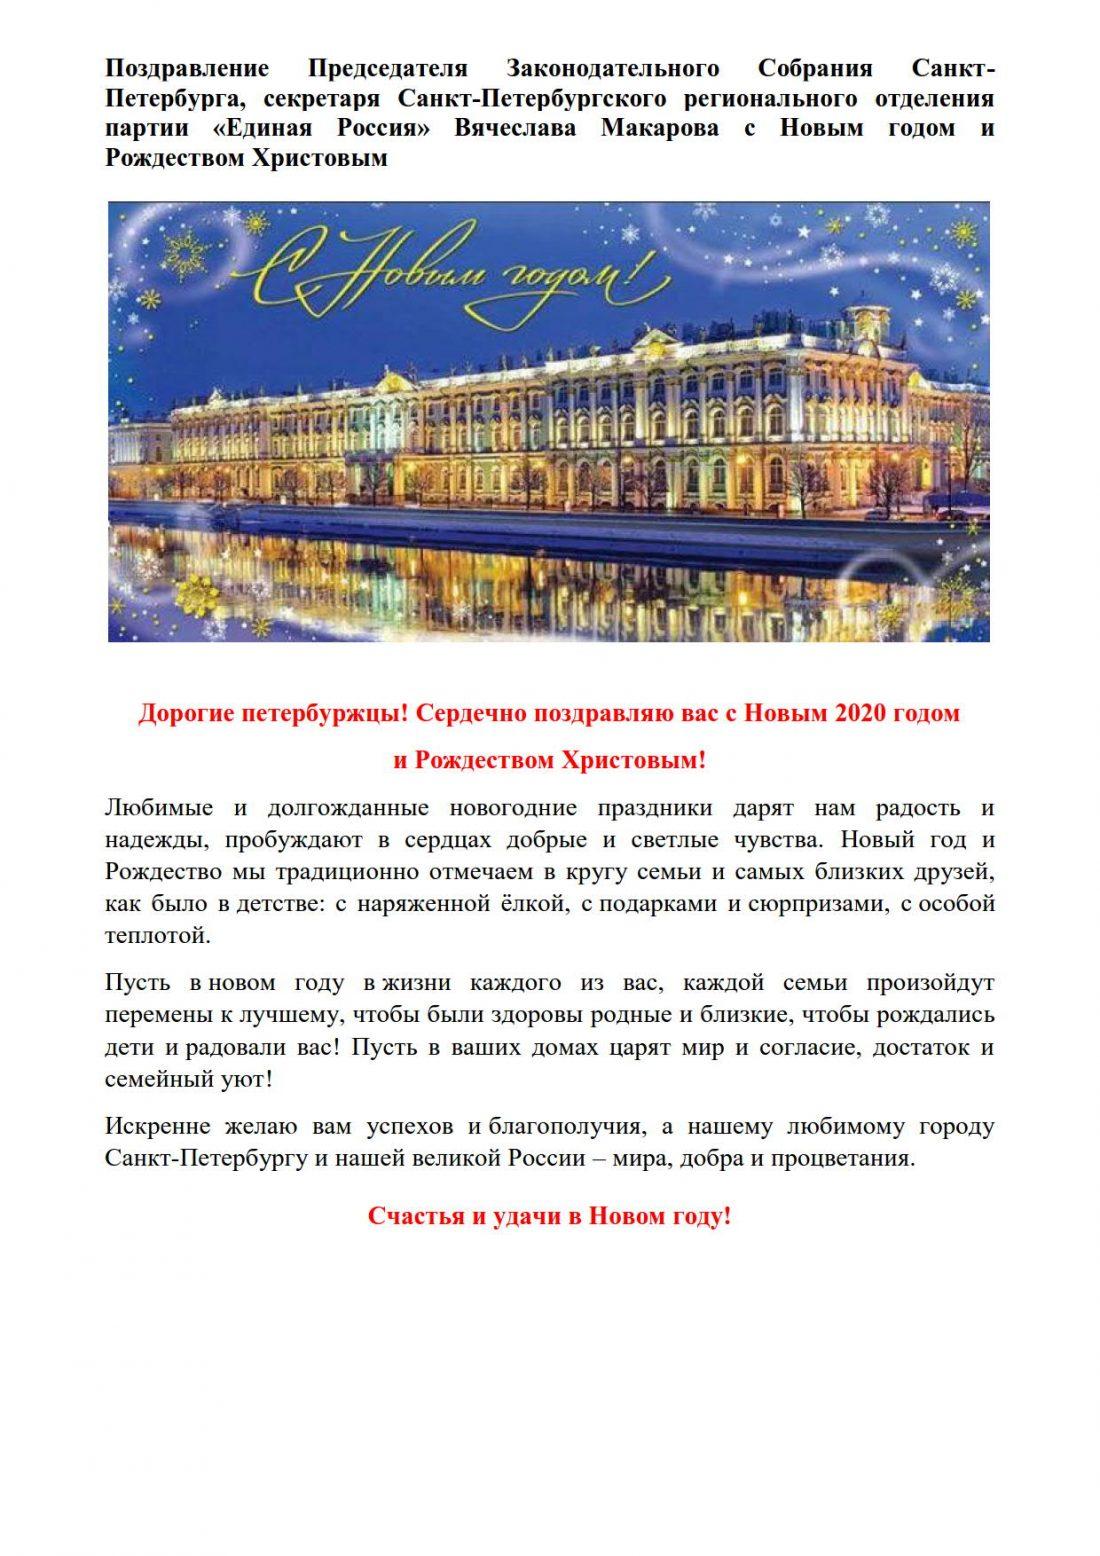 30.12.2019 Поздравление Макарова с Новым Годом_1